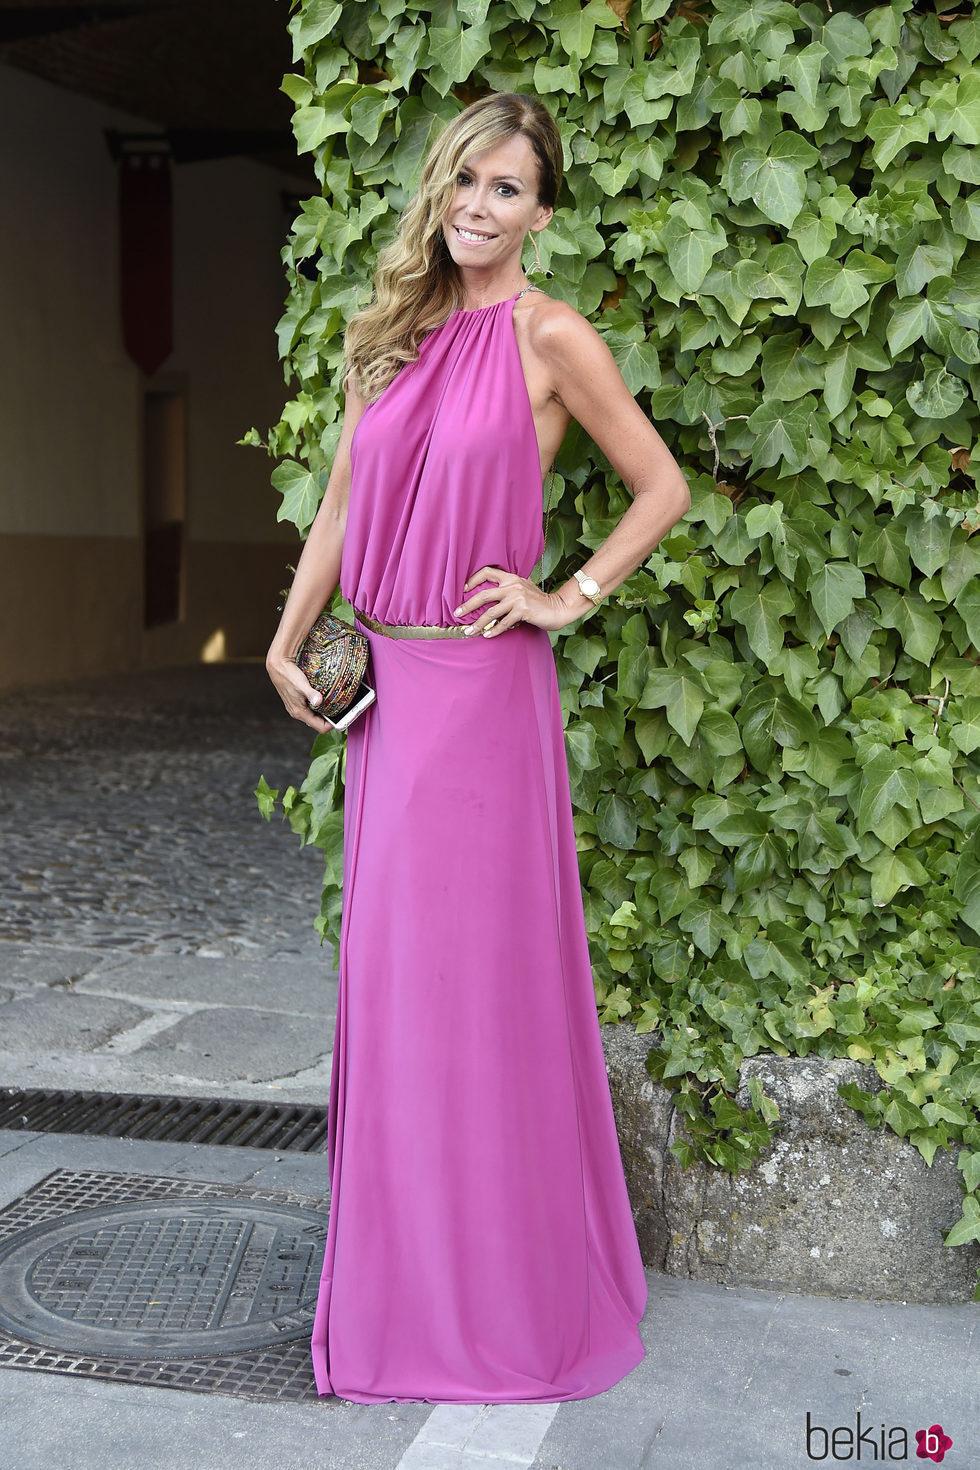 Lara Dibildos en la boda de Rocío Carrascto y Fidel Albiac